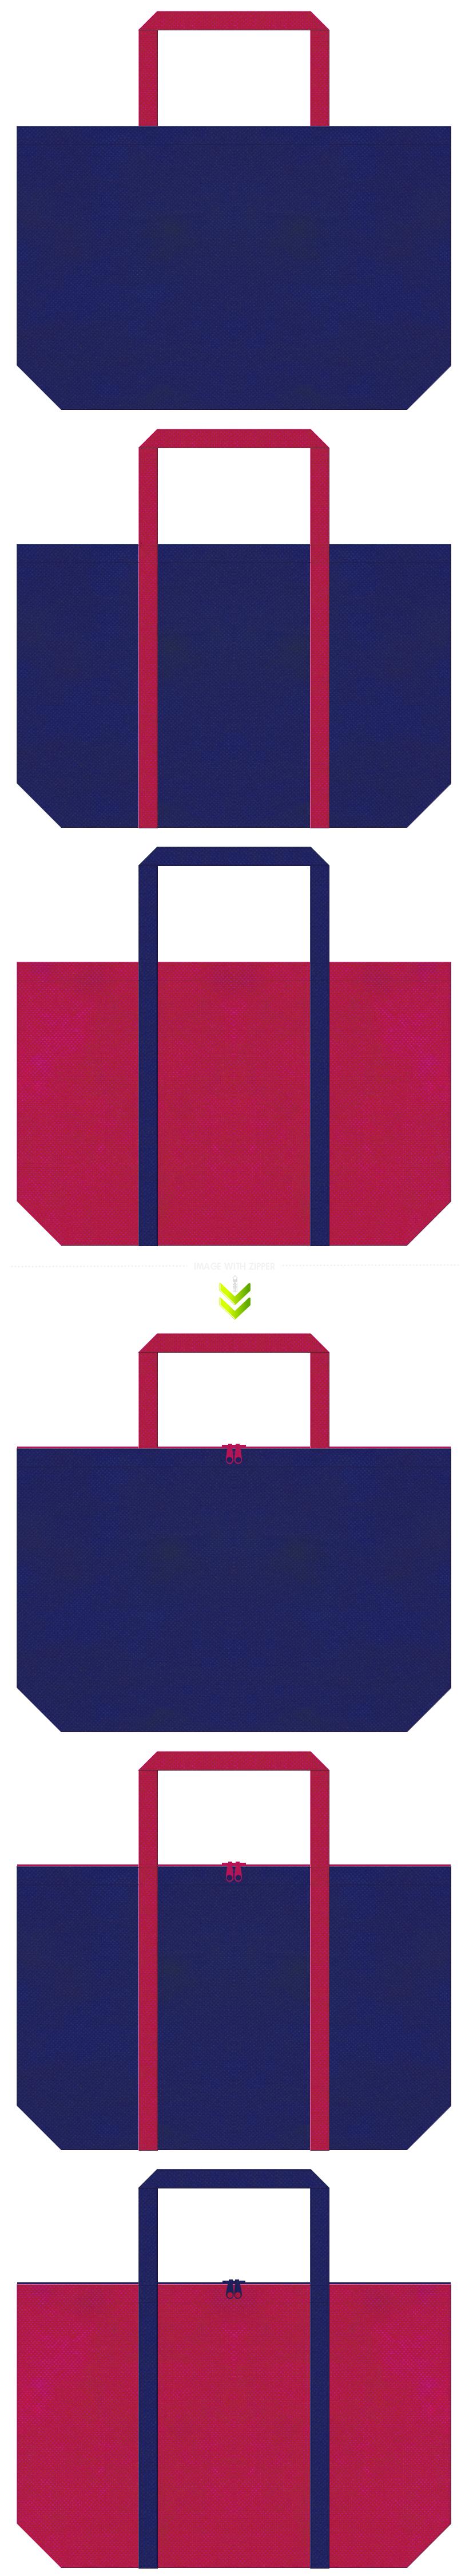 スポーツイベント・サマーイベント・夏祭り・法被・夏浴衣のショッピングバッグにお奨めの不織布バッグデザイン:明るい紺色と濃いピンク色のコーデ